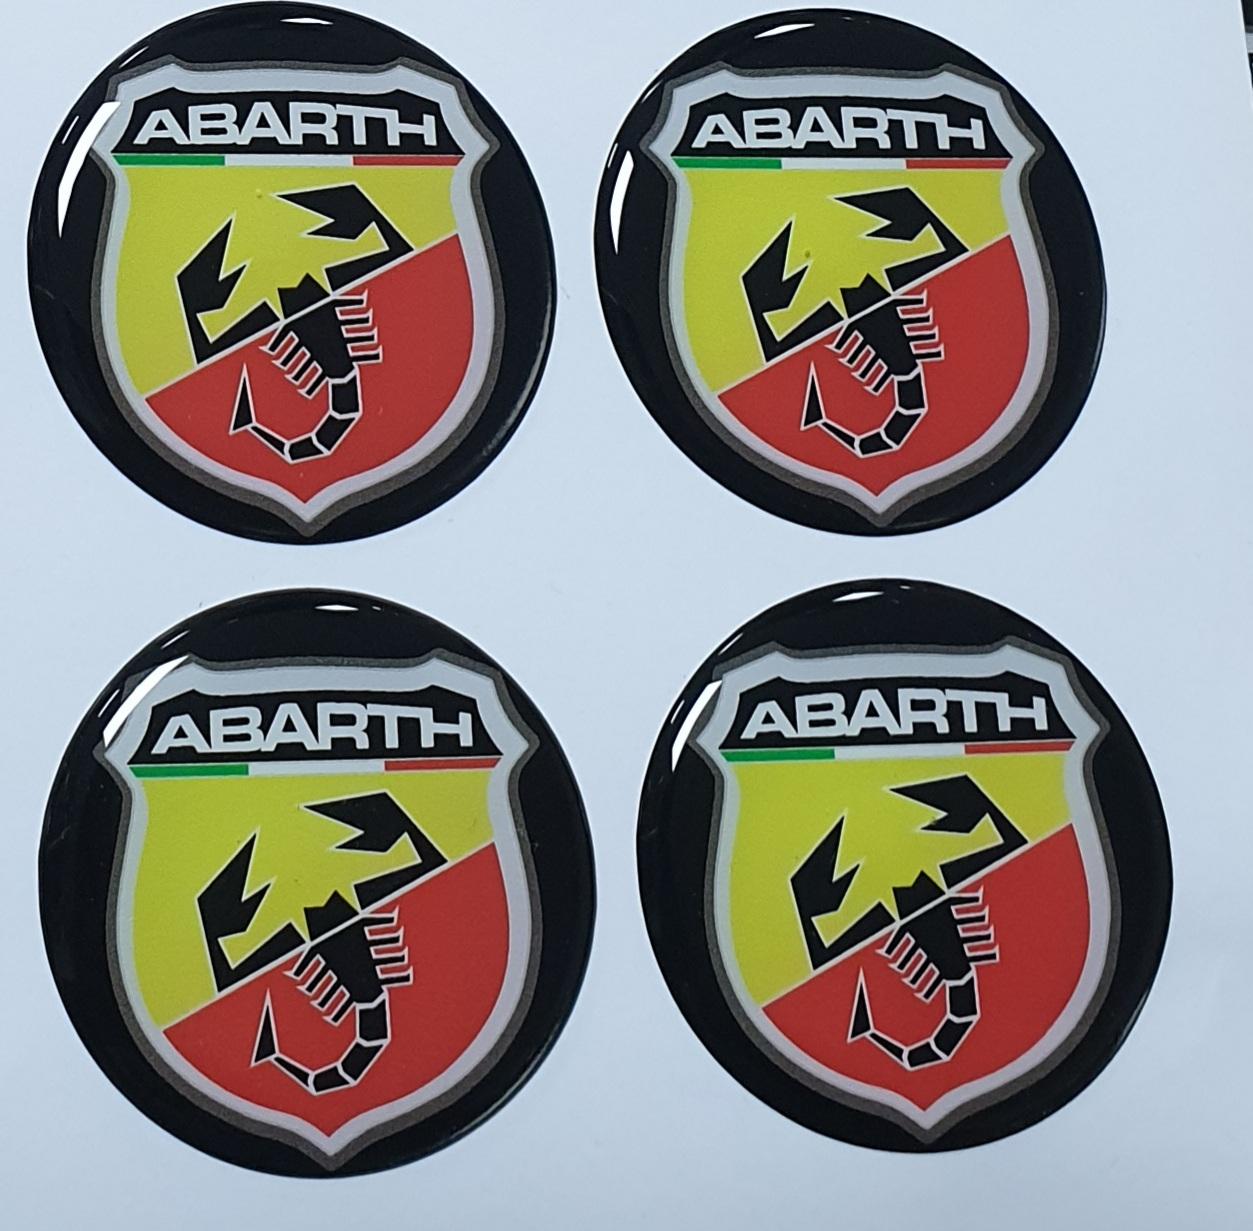 Damla Etiket Abarth 45mm. 4 Adet logo 3D oto aksesuar seti sticker